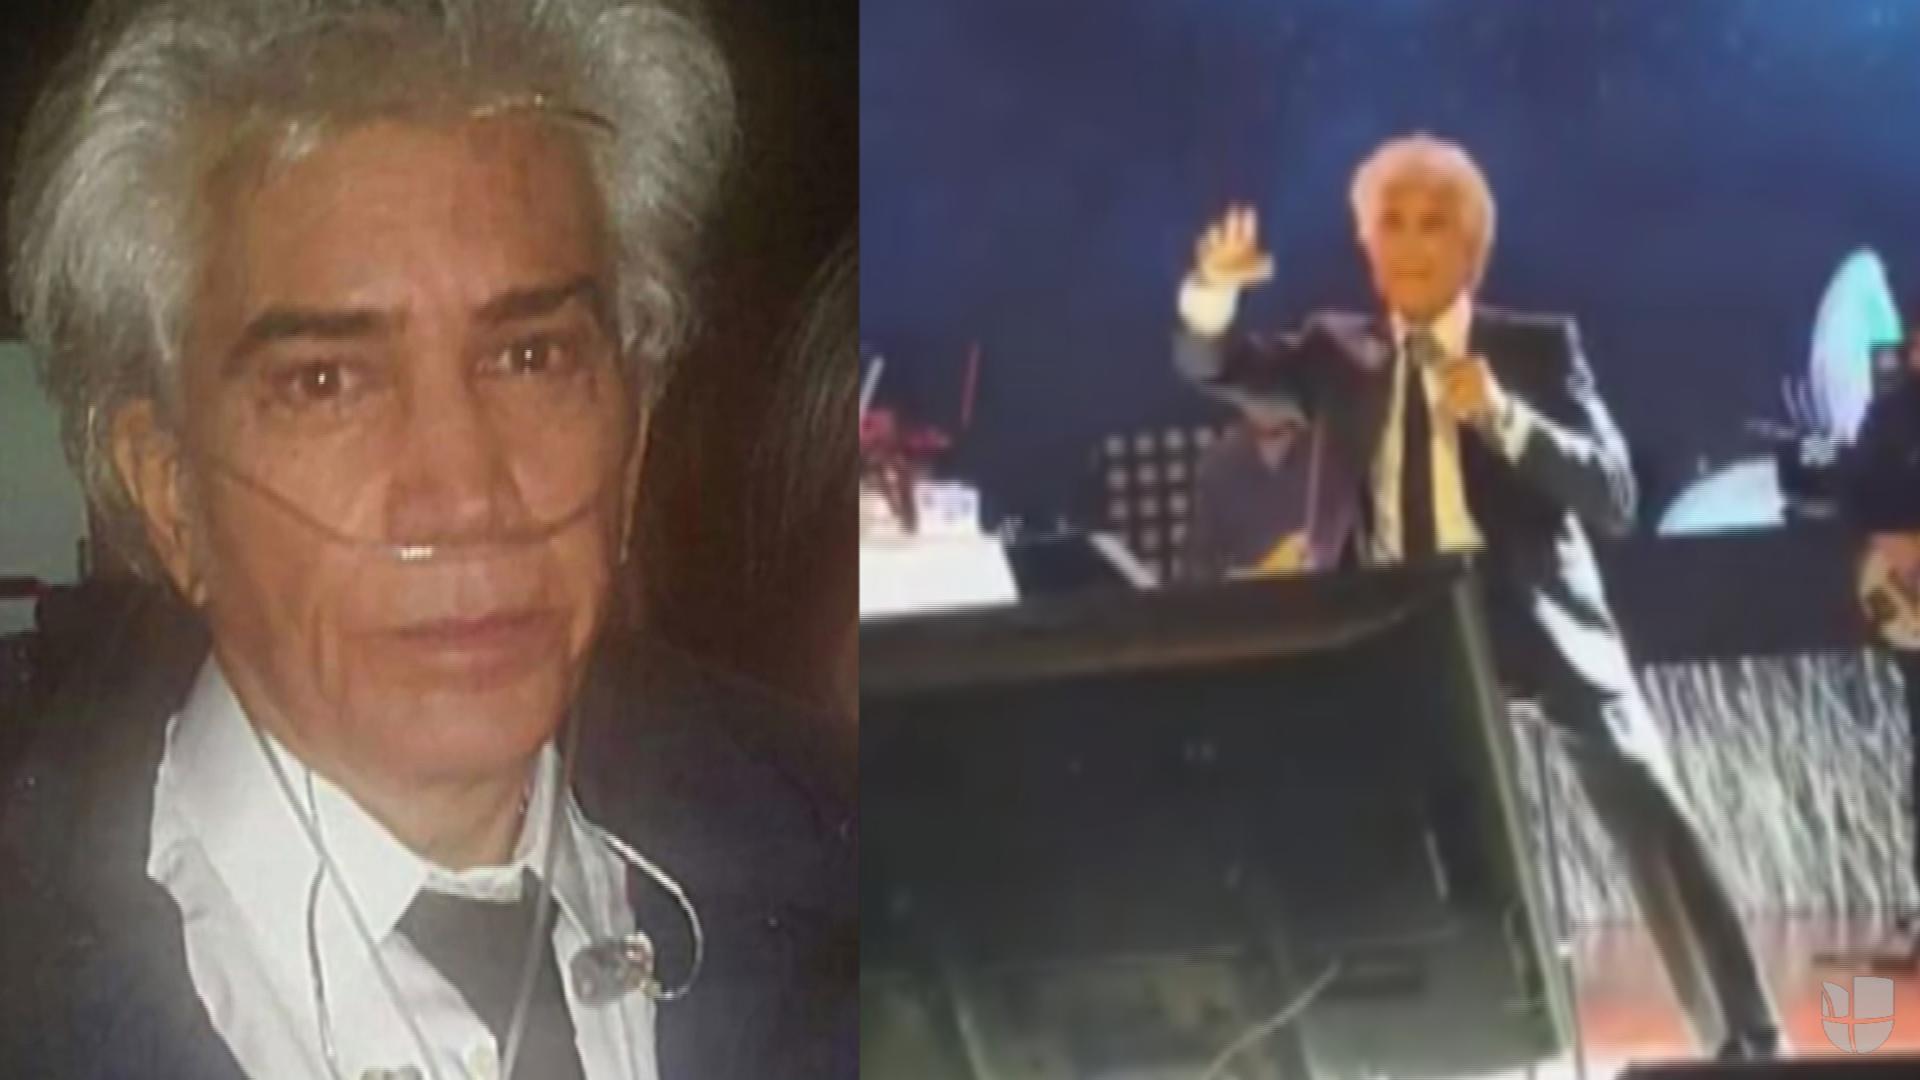 Multiplicación En Vivo Preceder  Pese a su delicado estado de salud, José Luis Rodríguez 'El Puma' no piensa  dejar los estudios de grabación ni los escenarios   Estaciones de Radio  Música   Univision